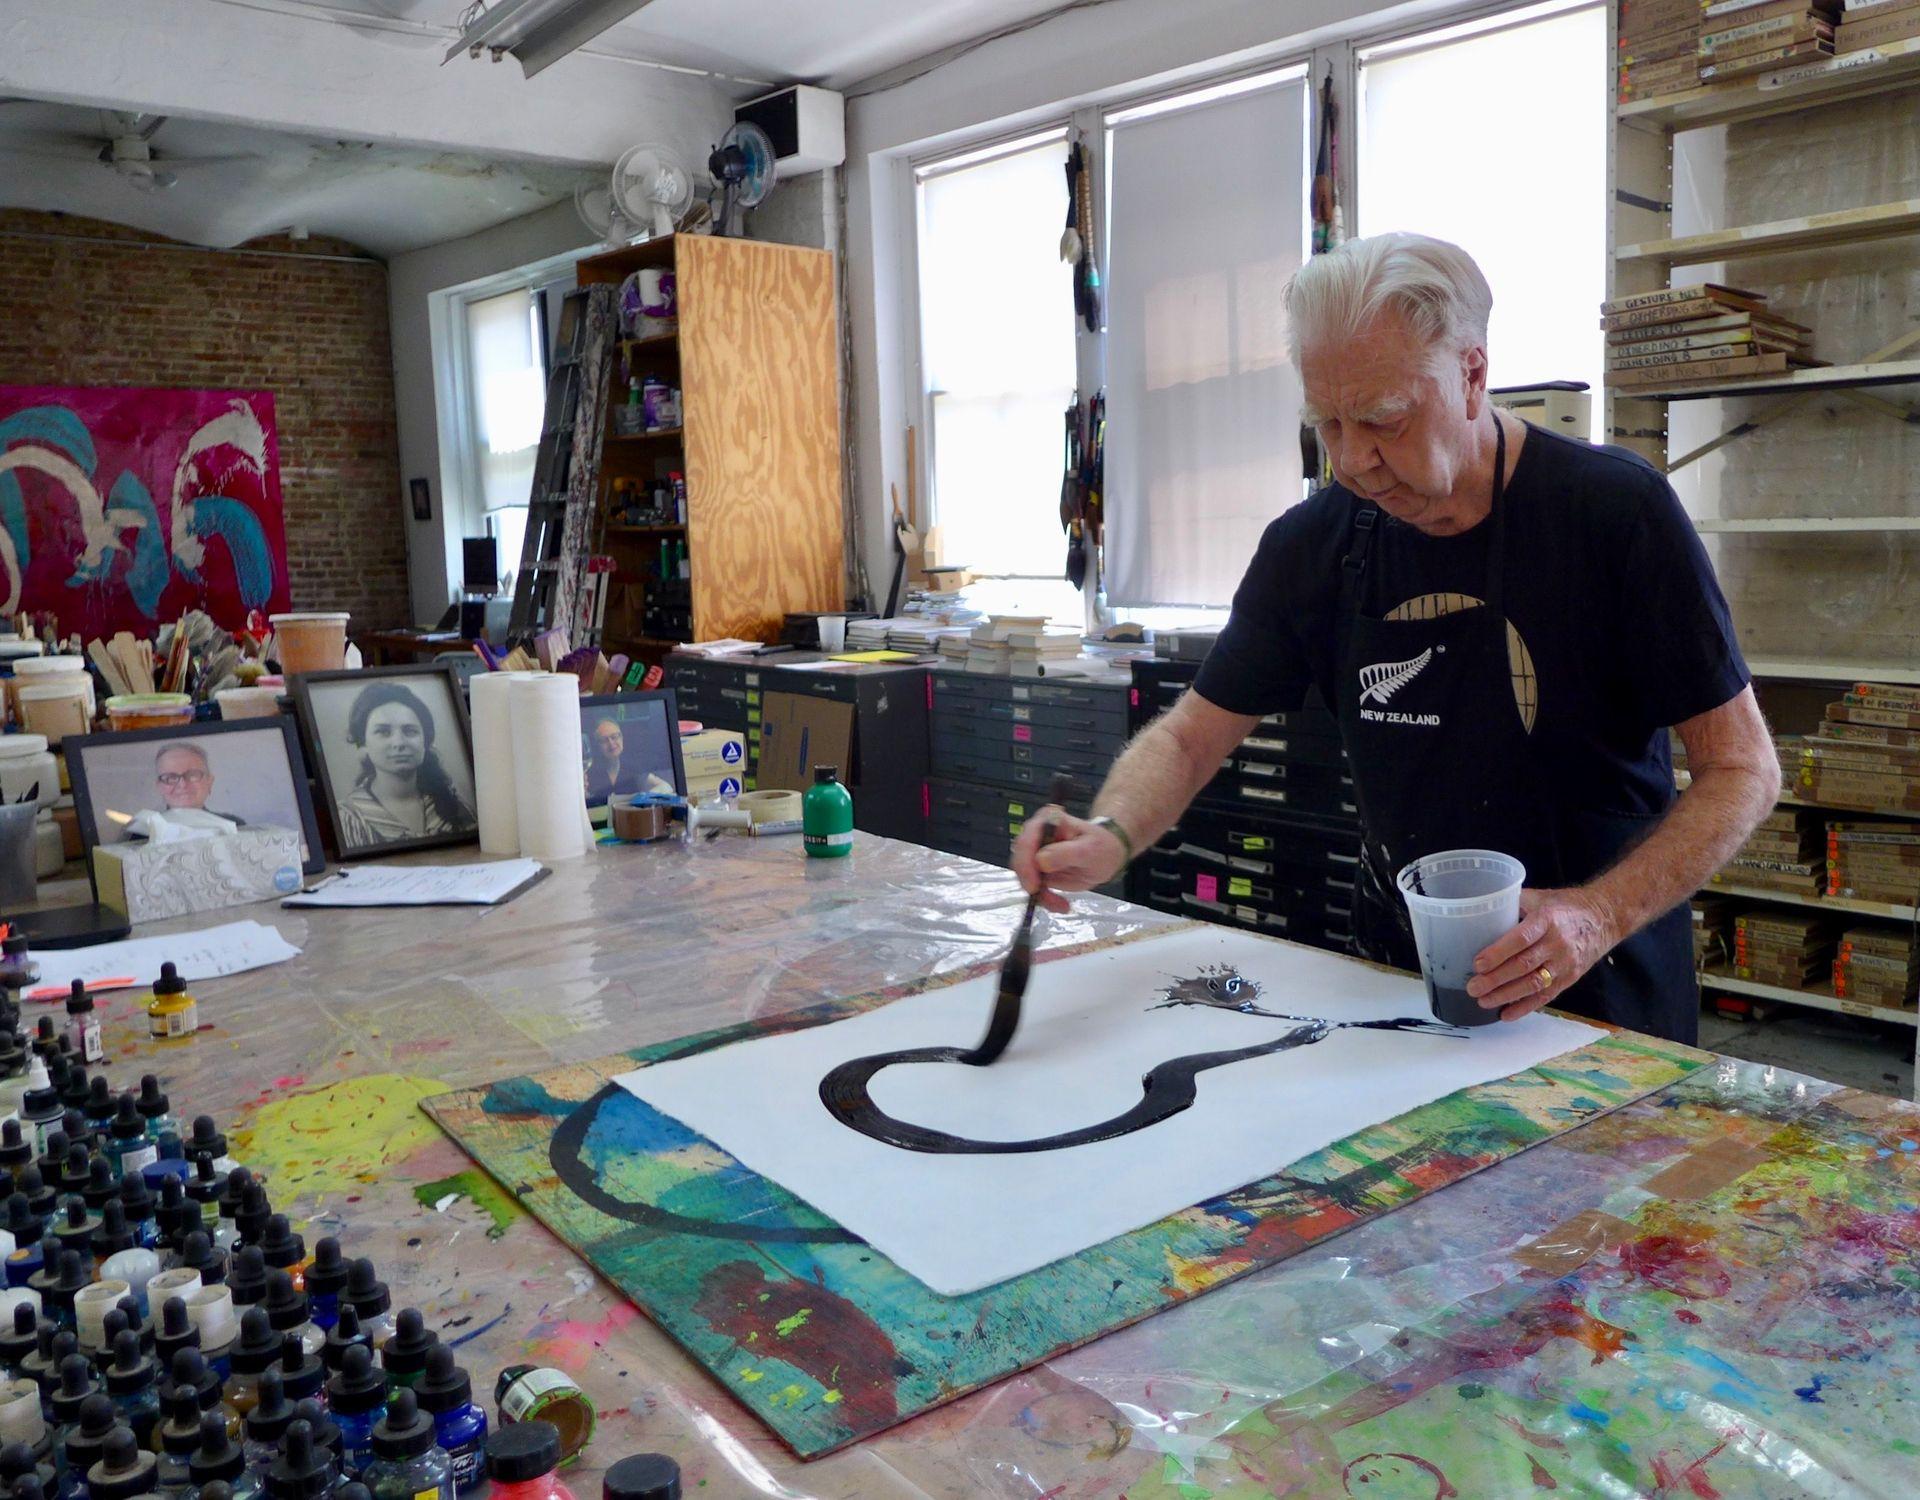 Kiwi star of the art world: Max Gimblett on keeping the faith and